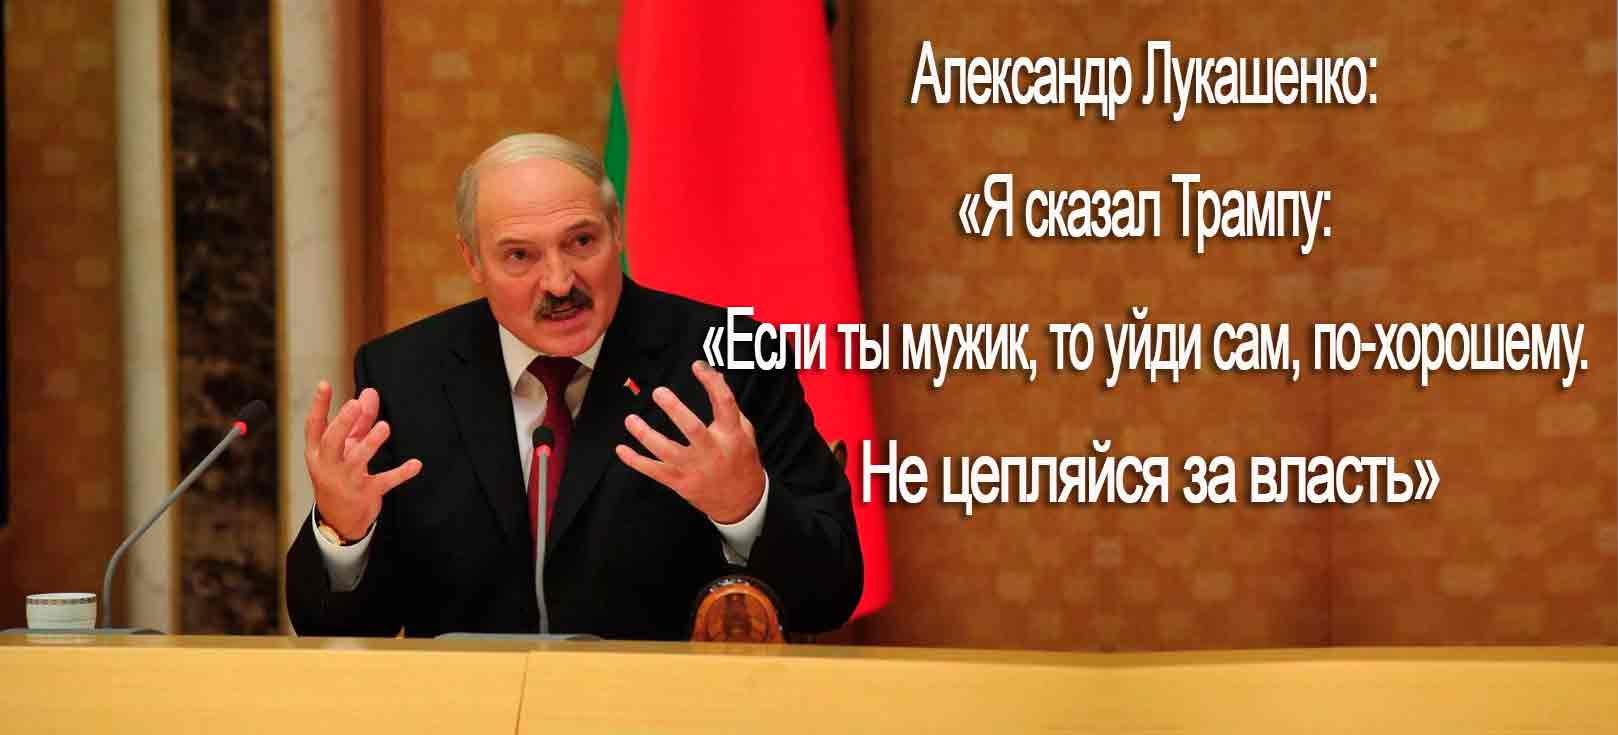 Президент Беларуси провел телефонные переговоры со своим американским коллегой Дональдом Трампом.